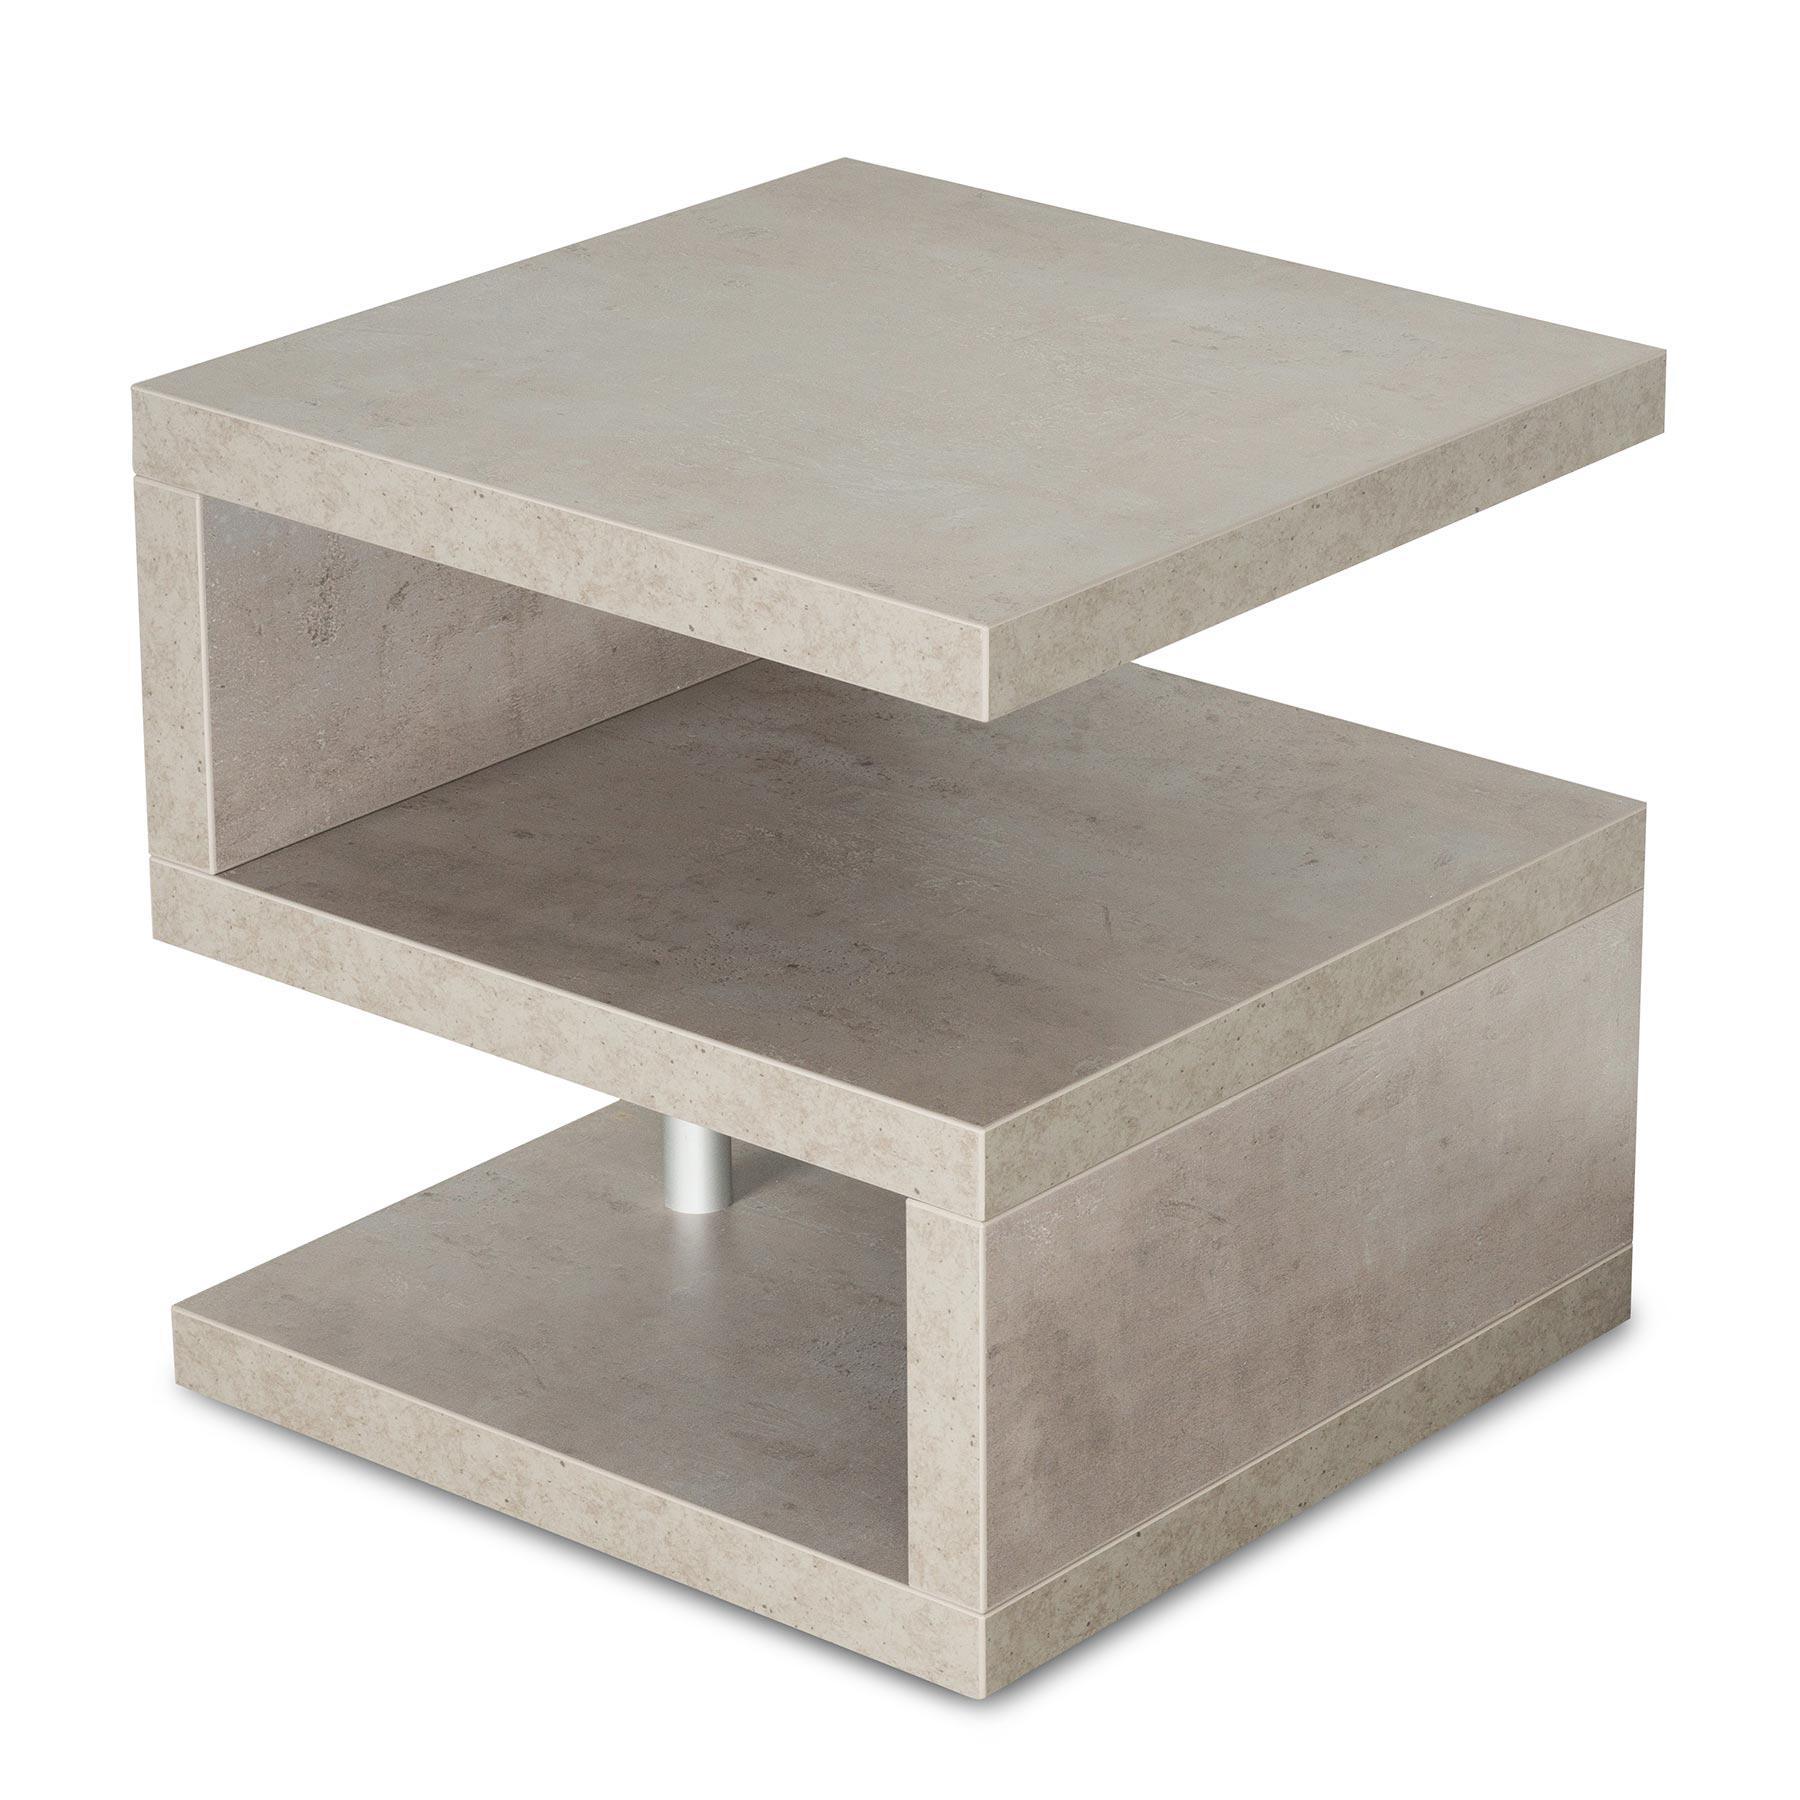 couchtisch sigi 44x44x44cm betonoptik grau beistelltisch. Black Bedroom Furniture Sets. Home Design Ideas